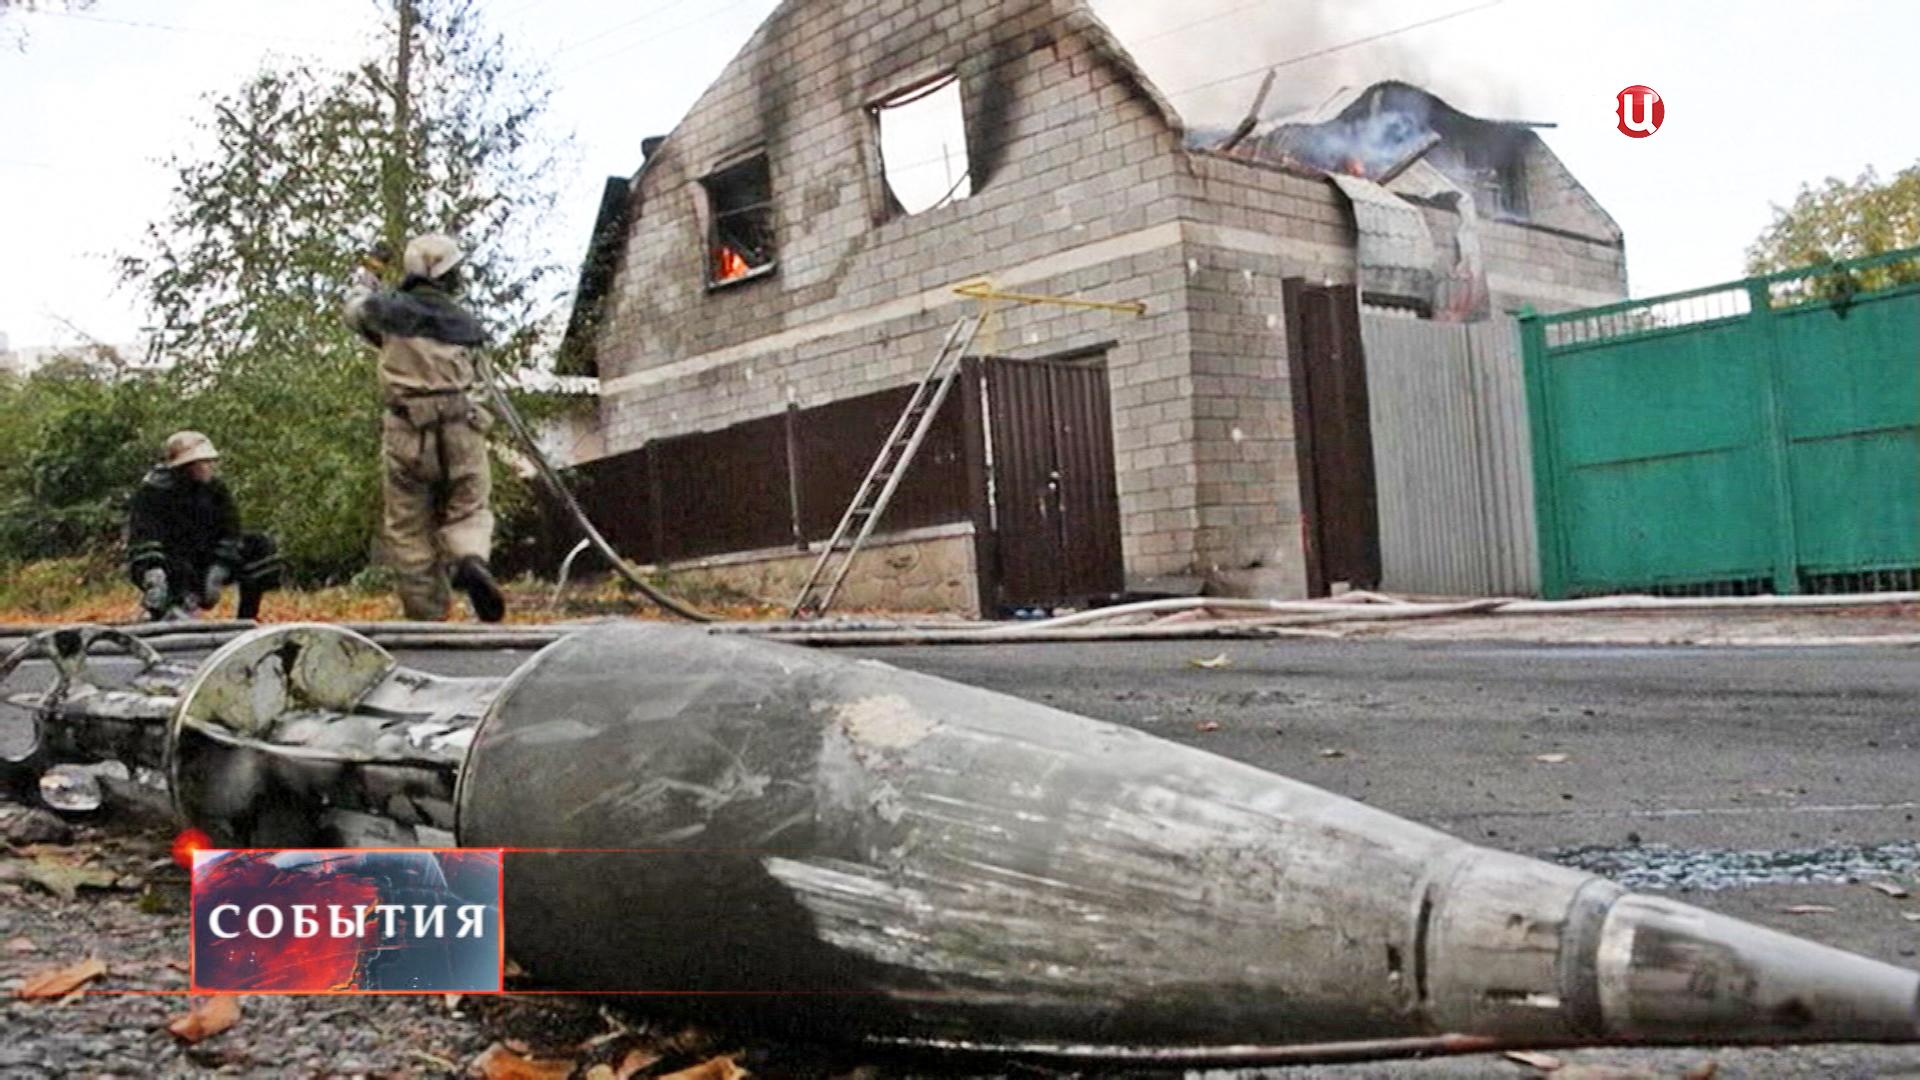 Результат артобстрела жилого района Донецка